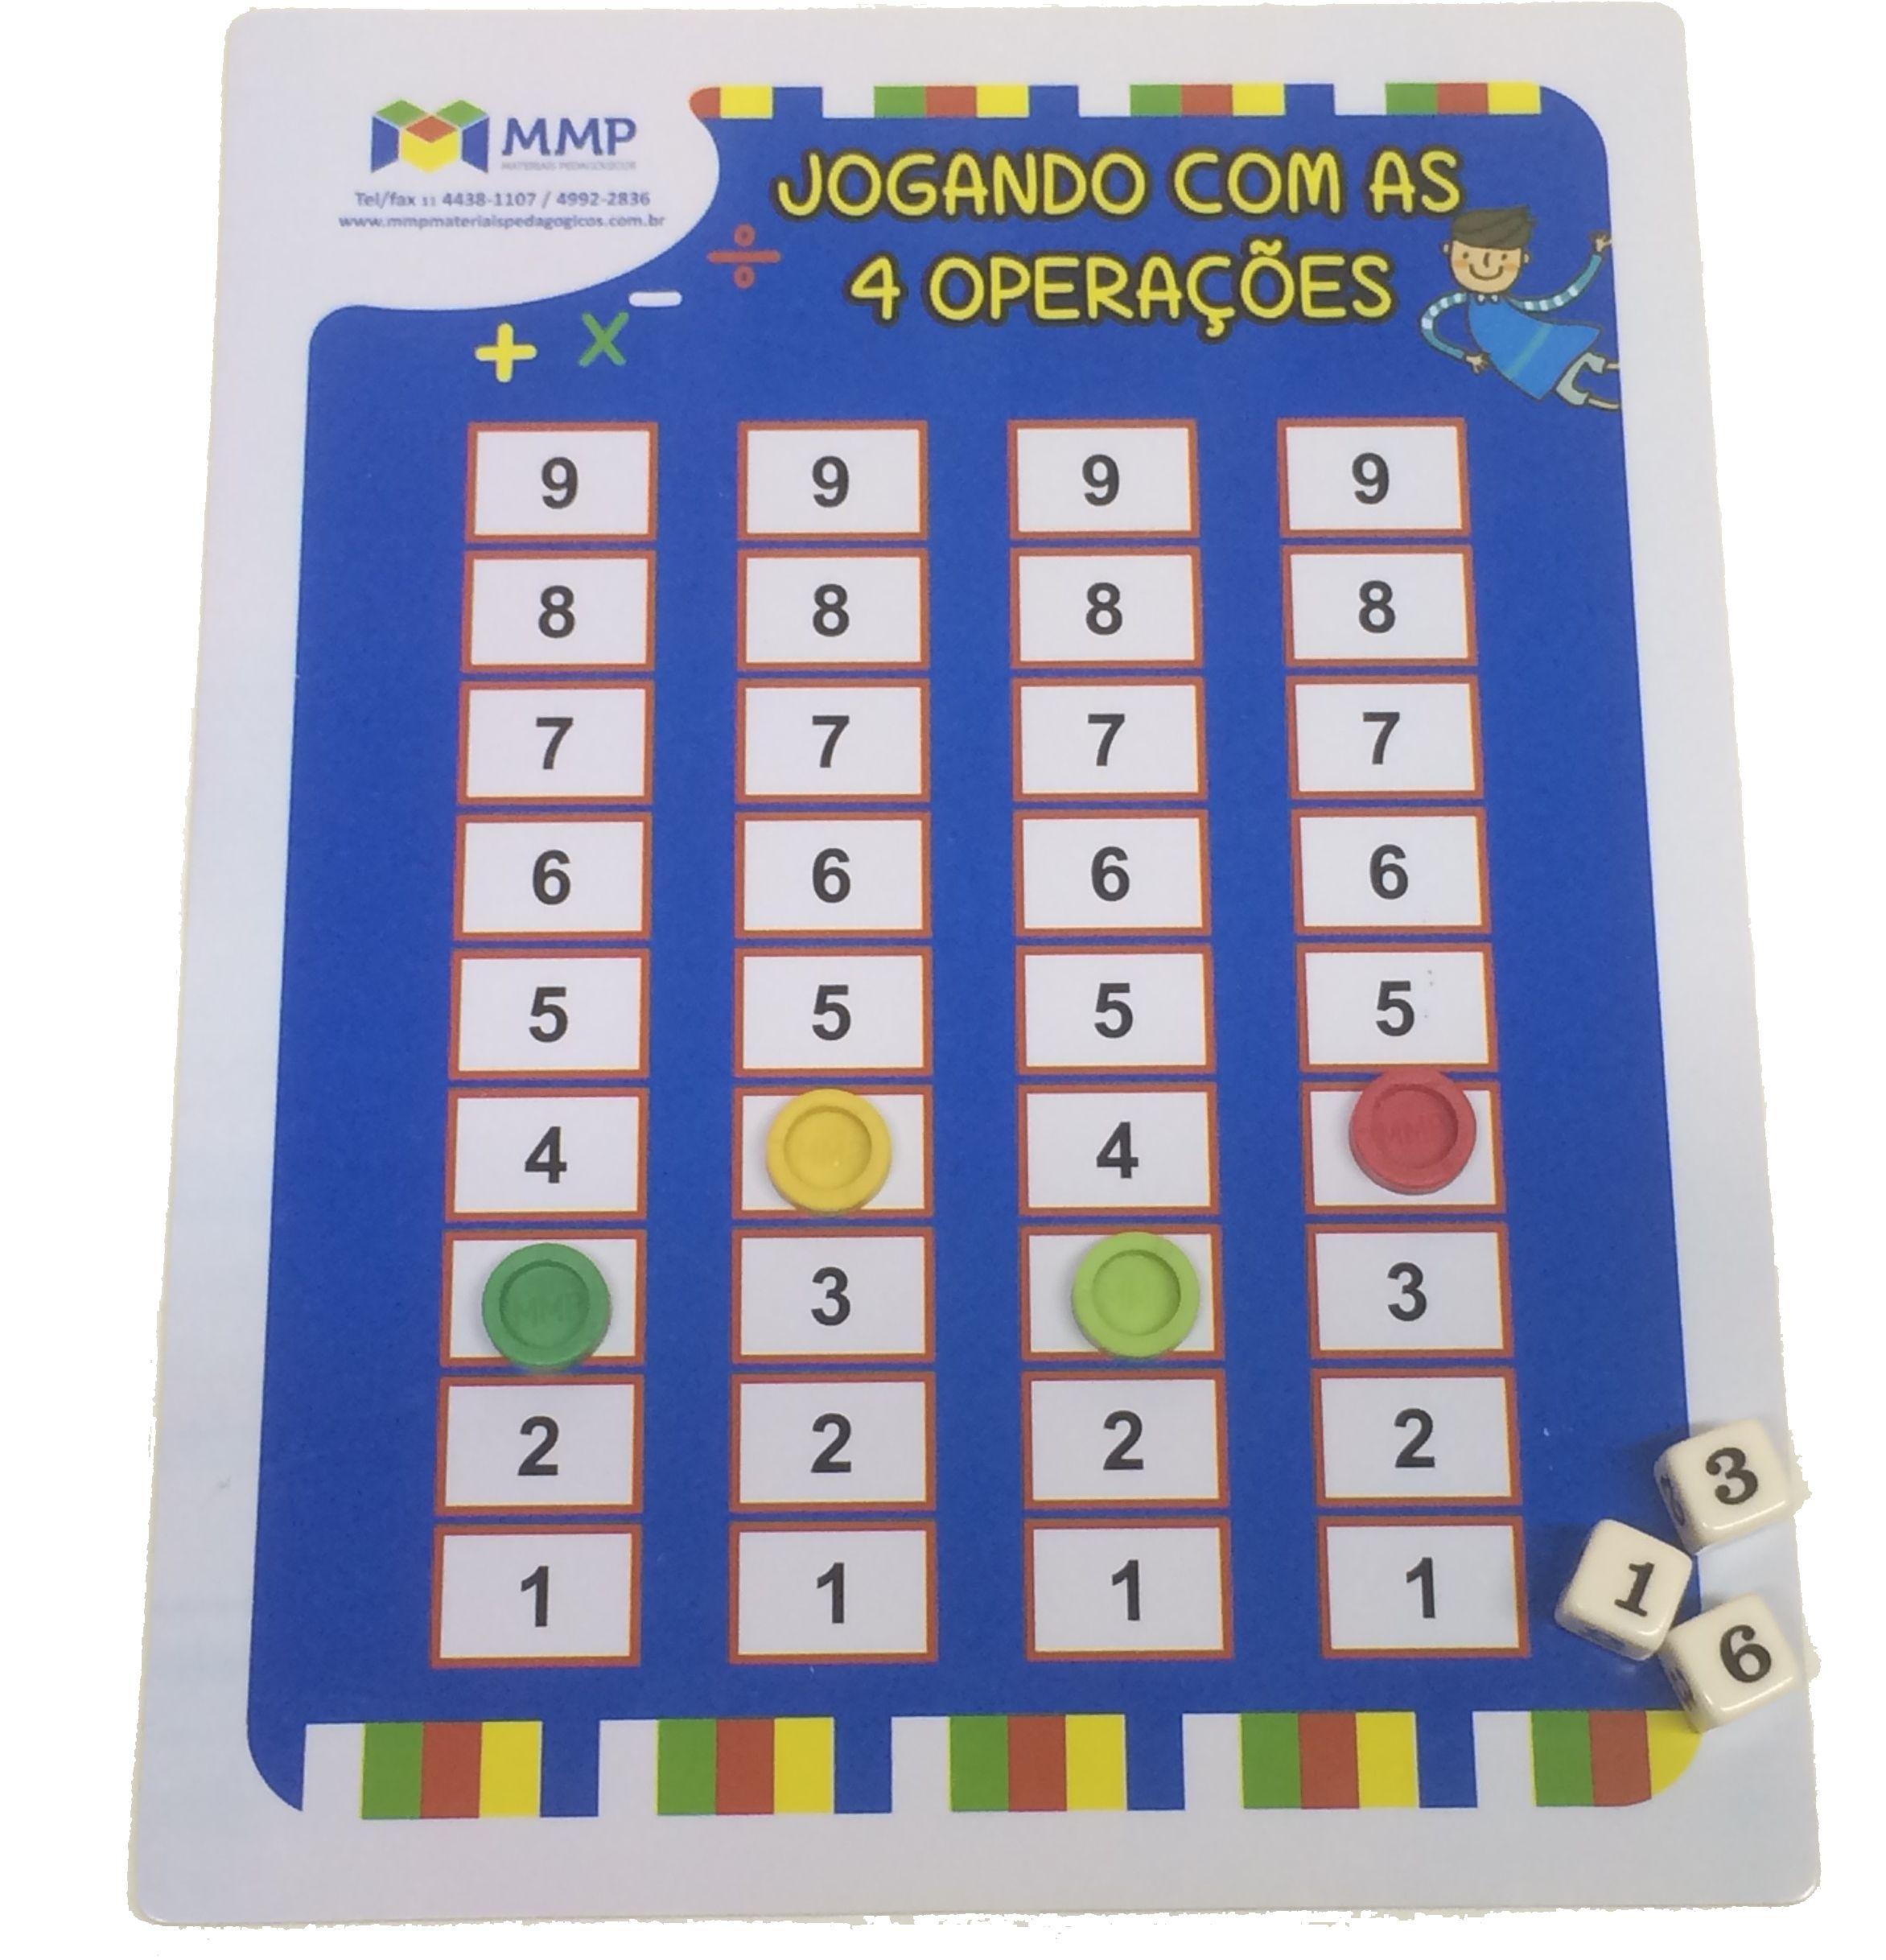 JOGANDO-COM-AS-4-OPERACOES